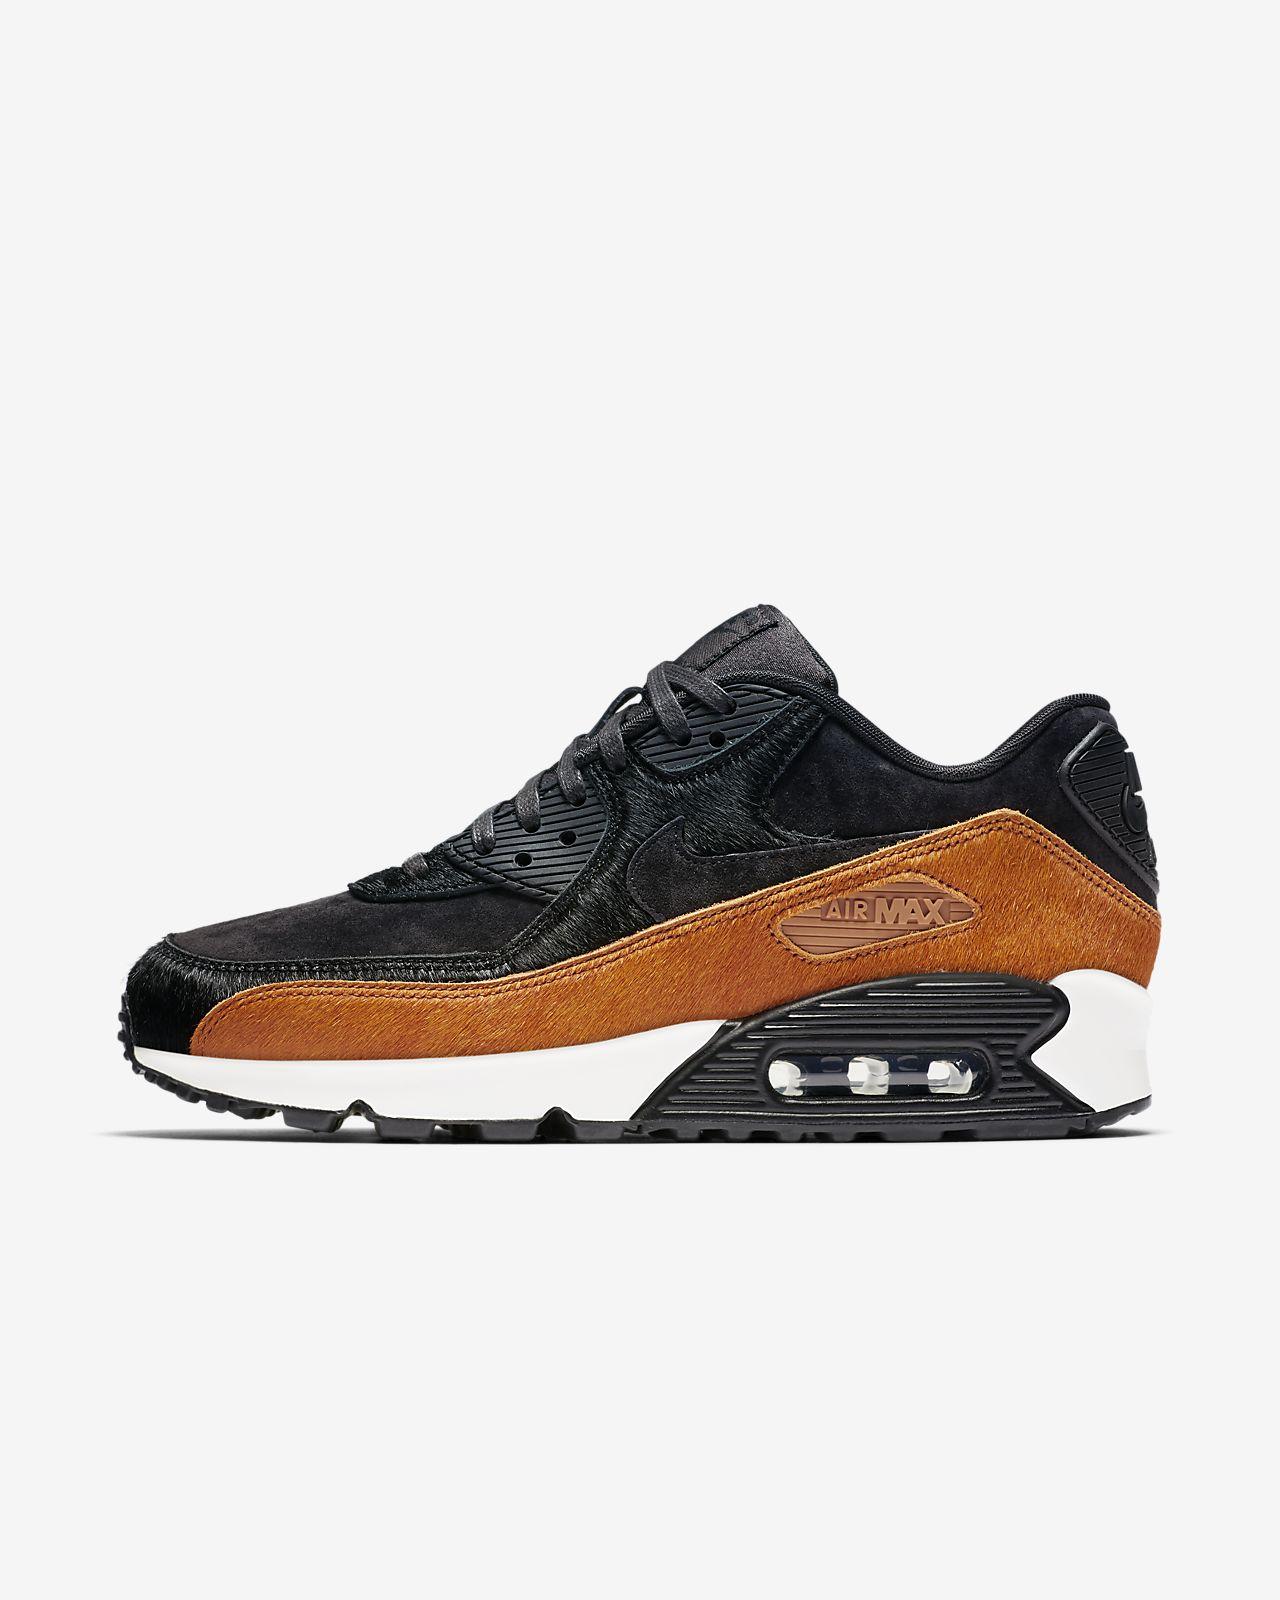 Chaussure Nike Air Max 90 LX pour Femme – Boutique Nike Air Max 90 ...